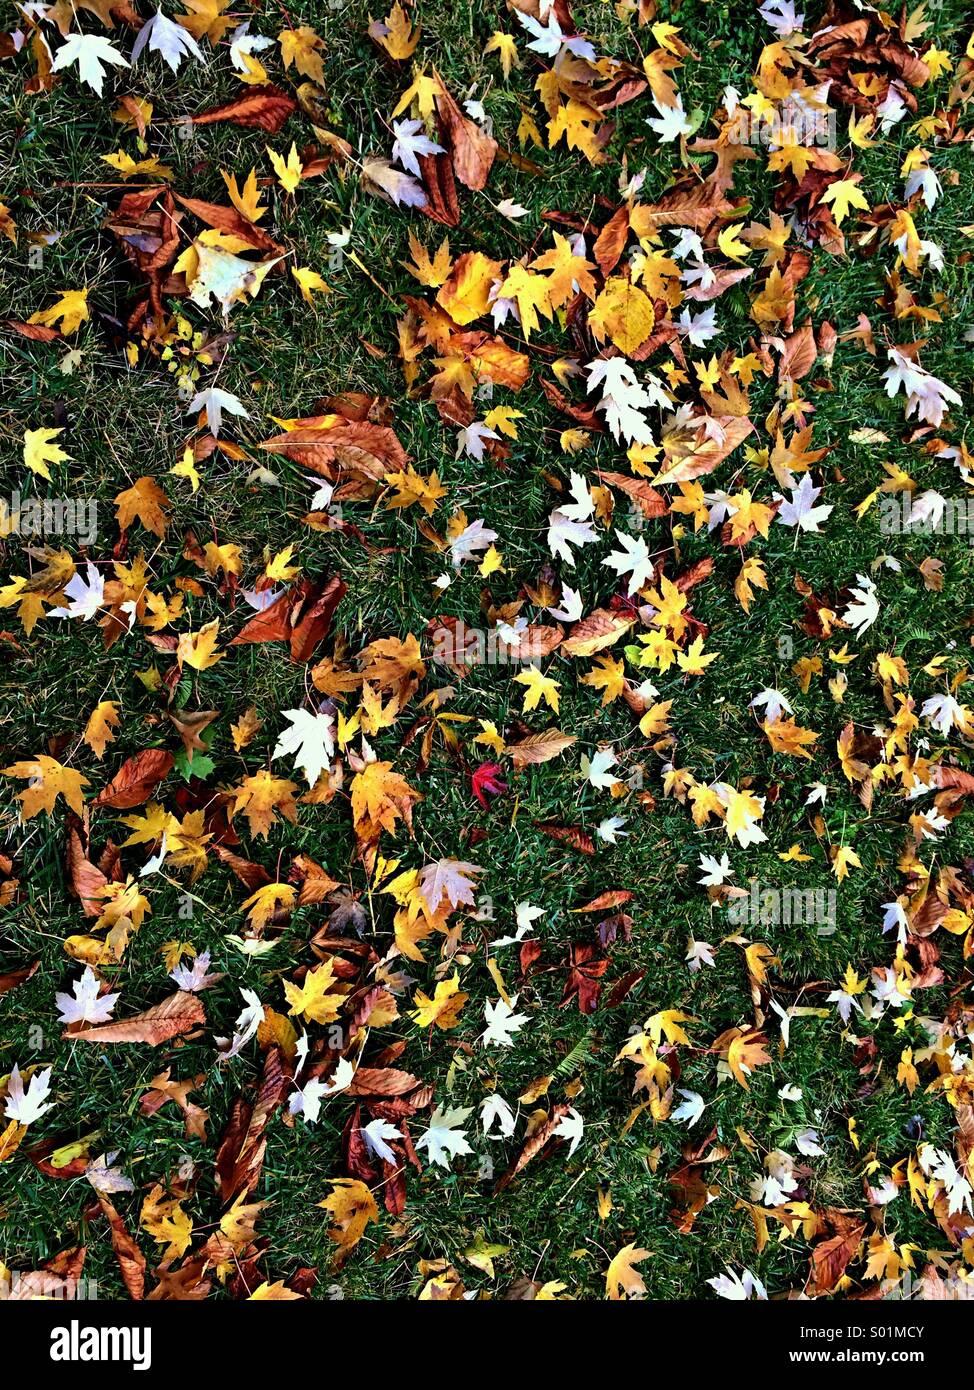 Herbstlaub liegend auf der grünen Wiese Stockbild